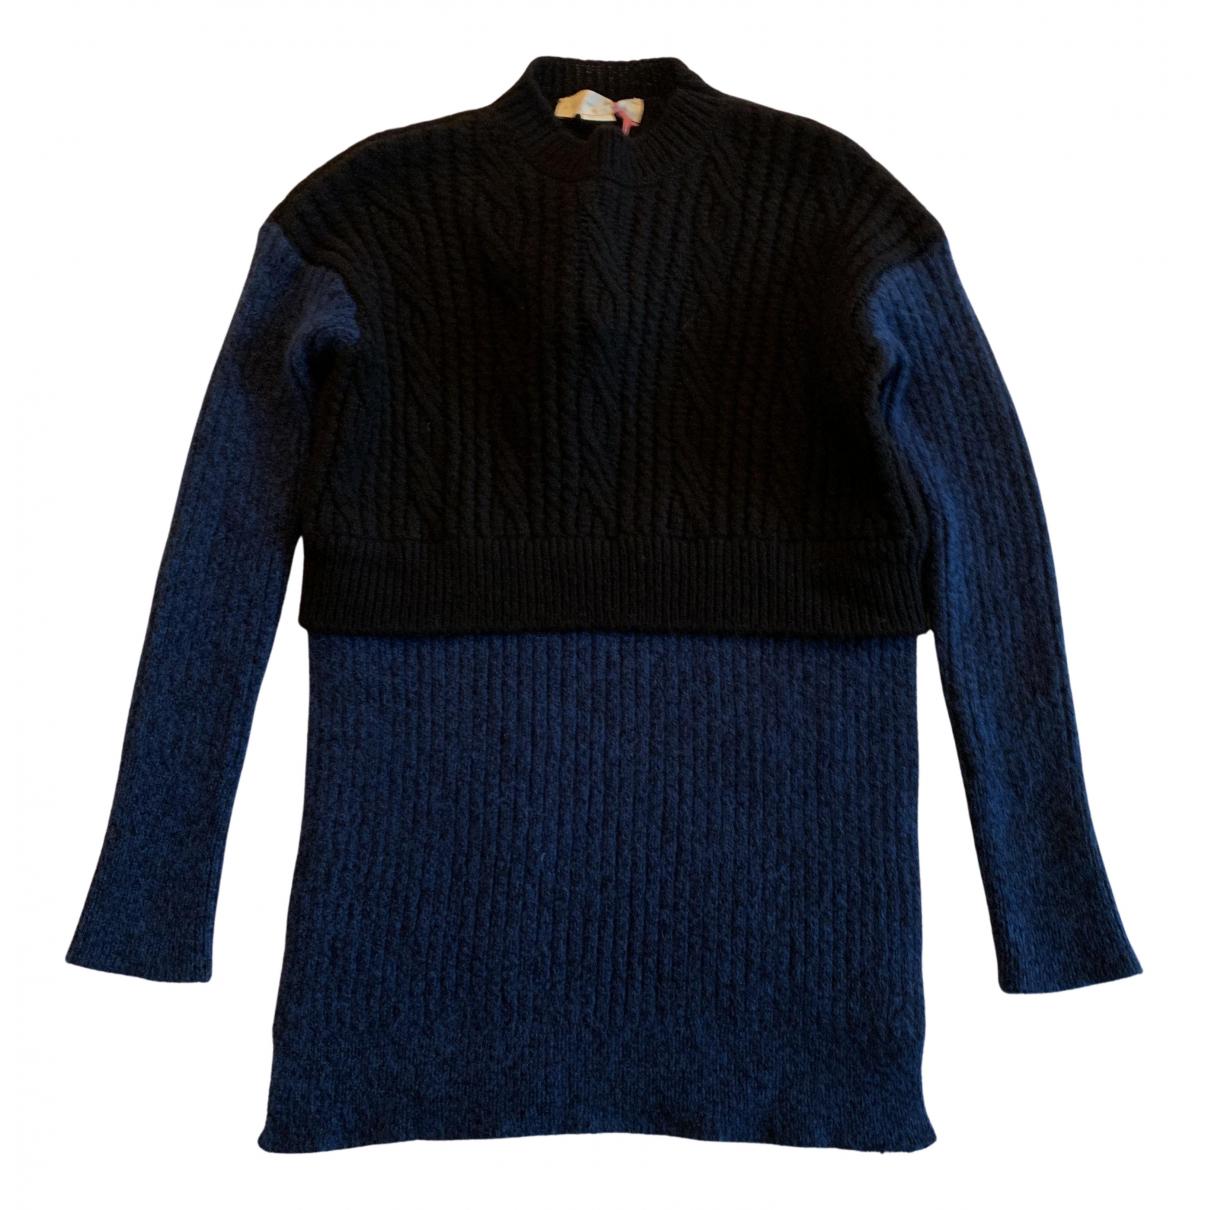 Stella Mccartney N Navy Wool Knitwear for Women 38 IT